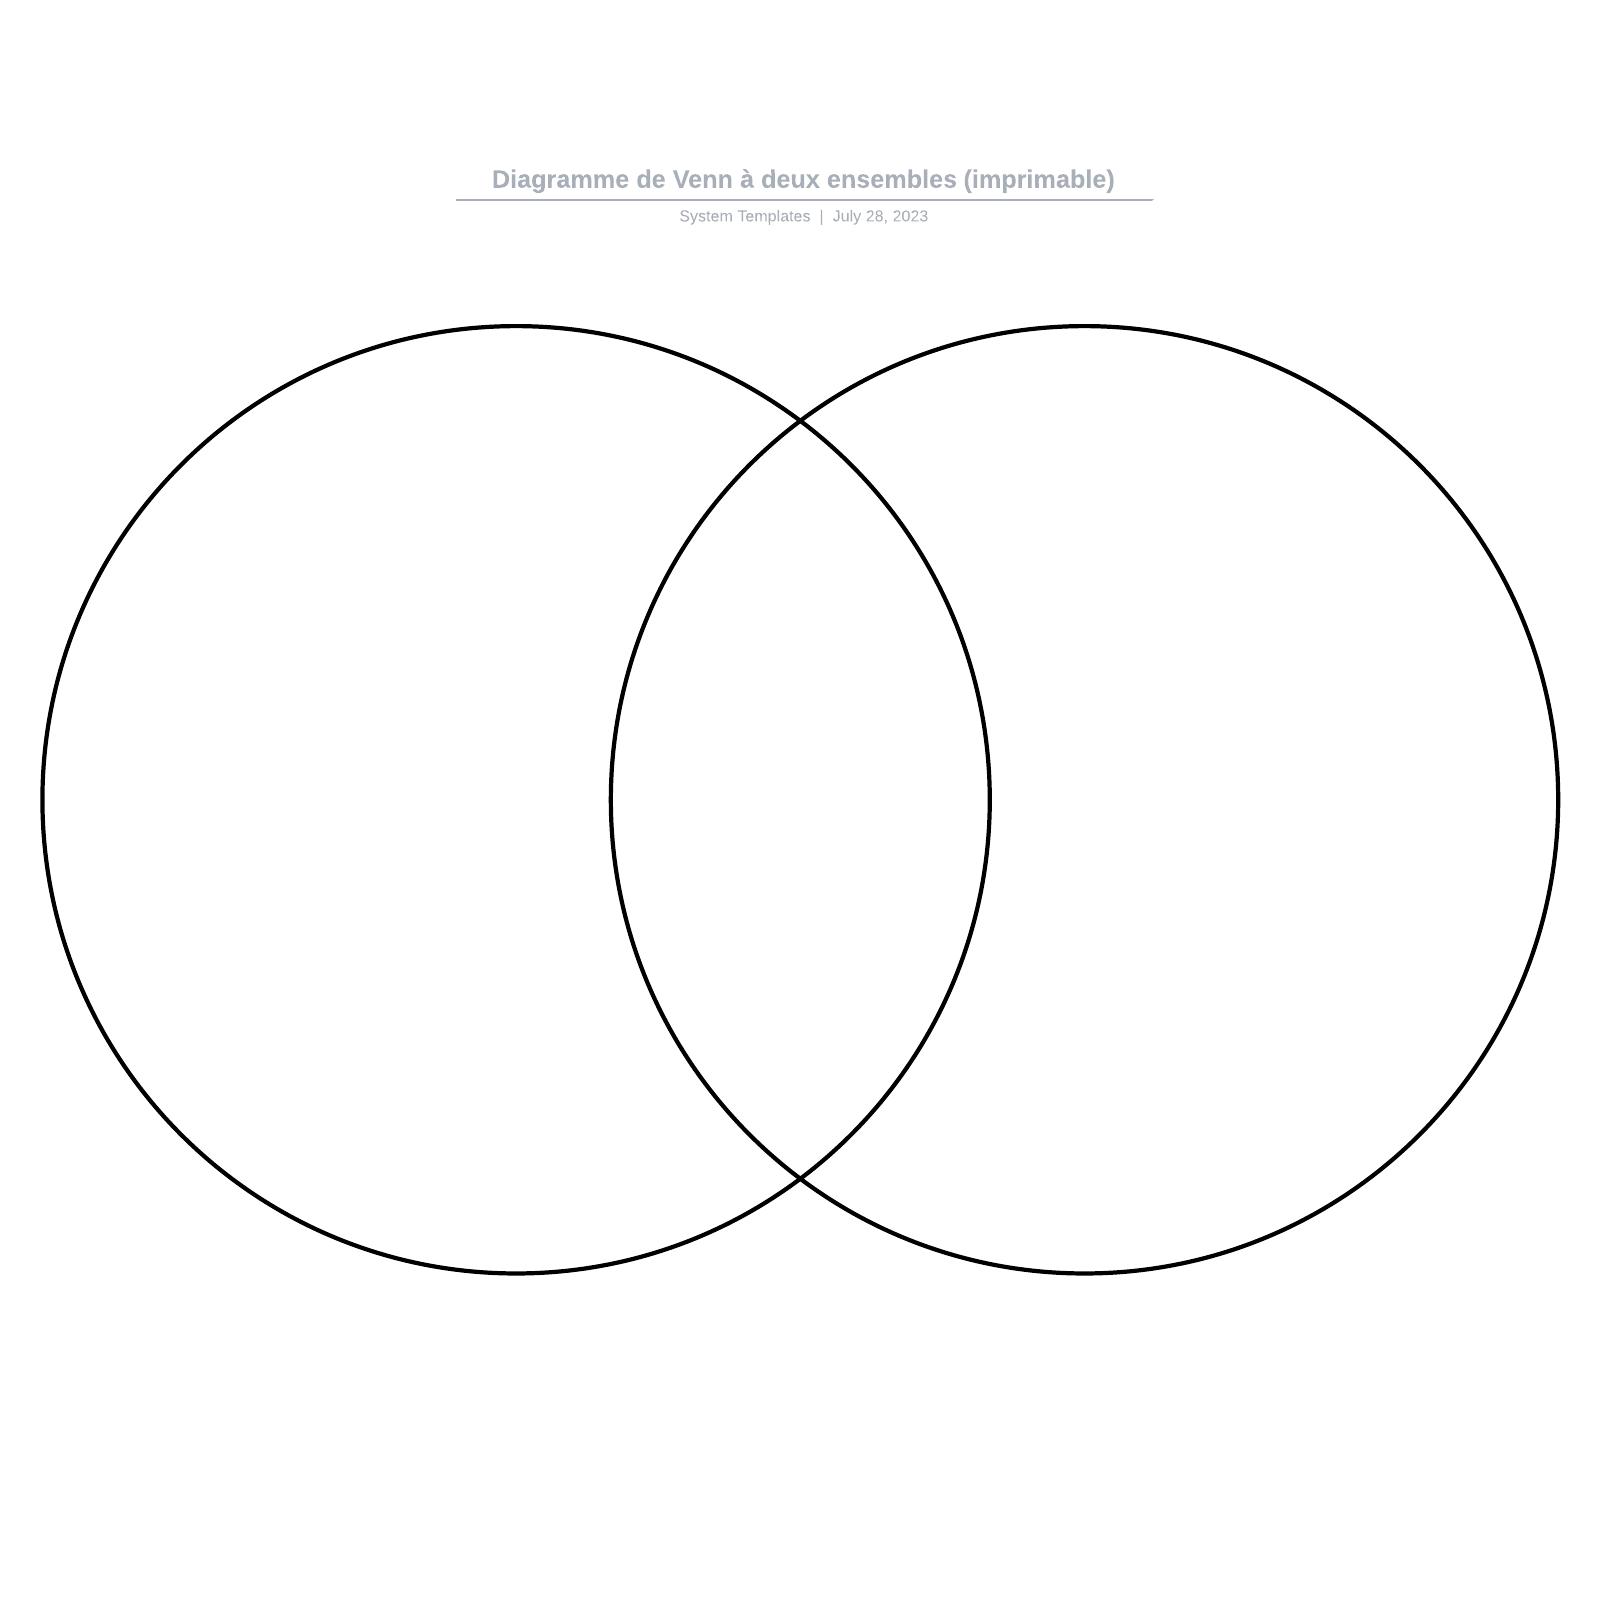 exemple de diagramme de Venn à 2 ensembles à compléter